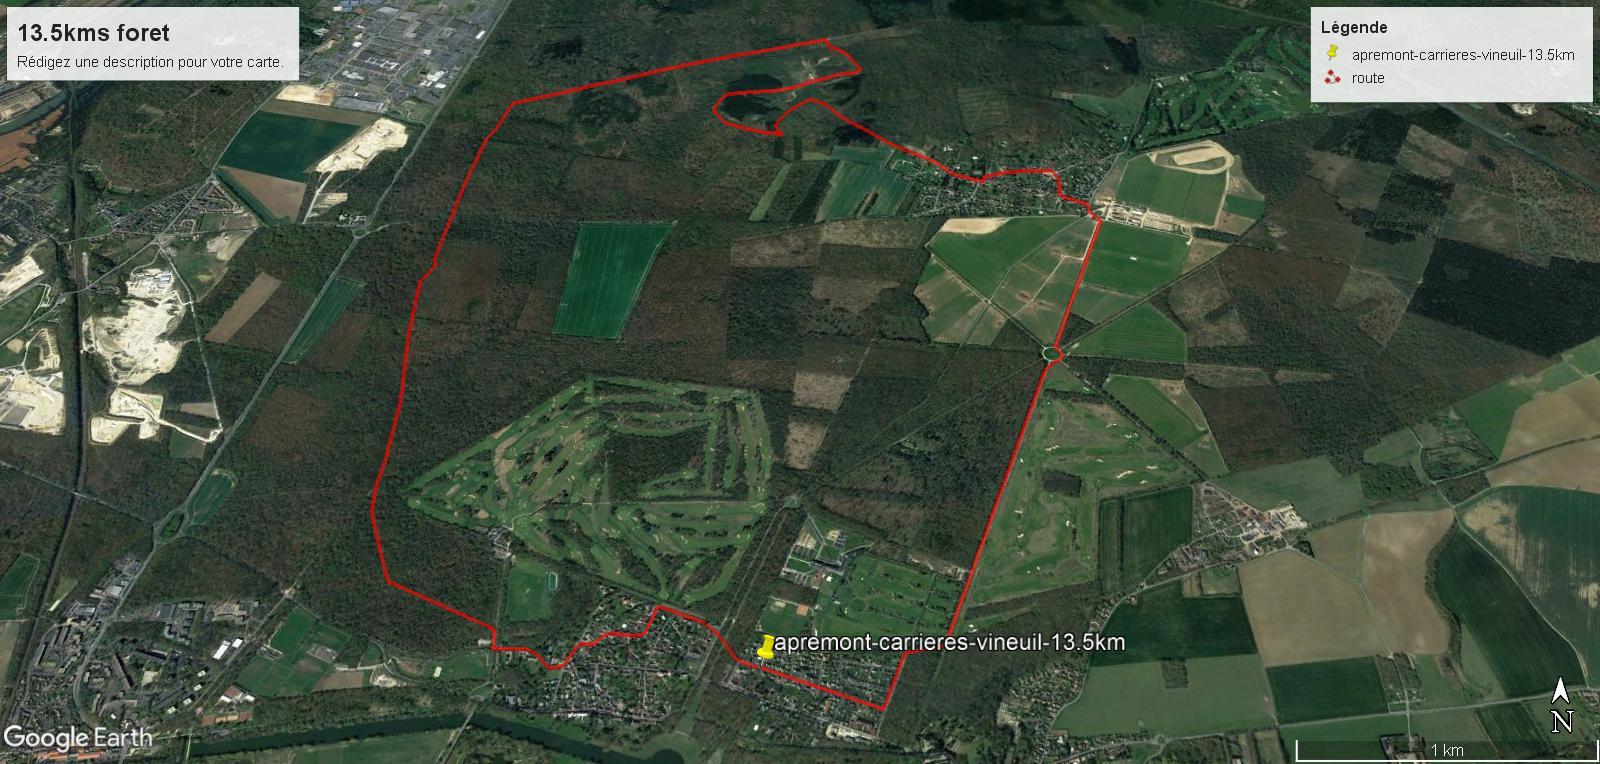 parcours-13.5km-apremont-carrieres-vineuil